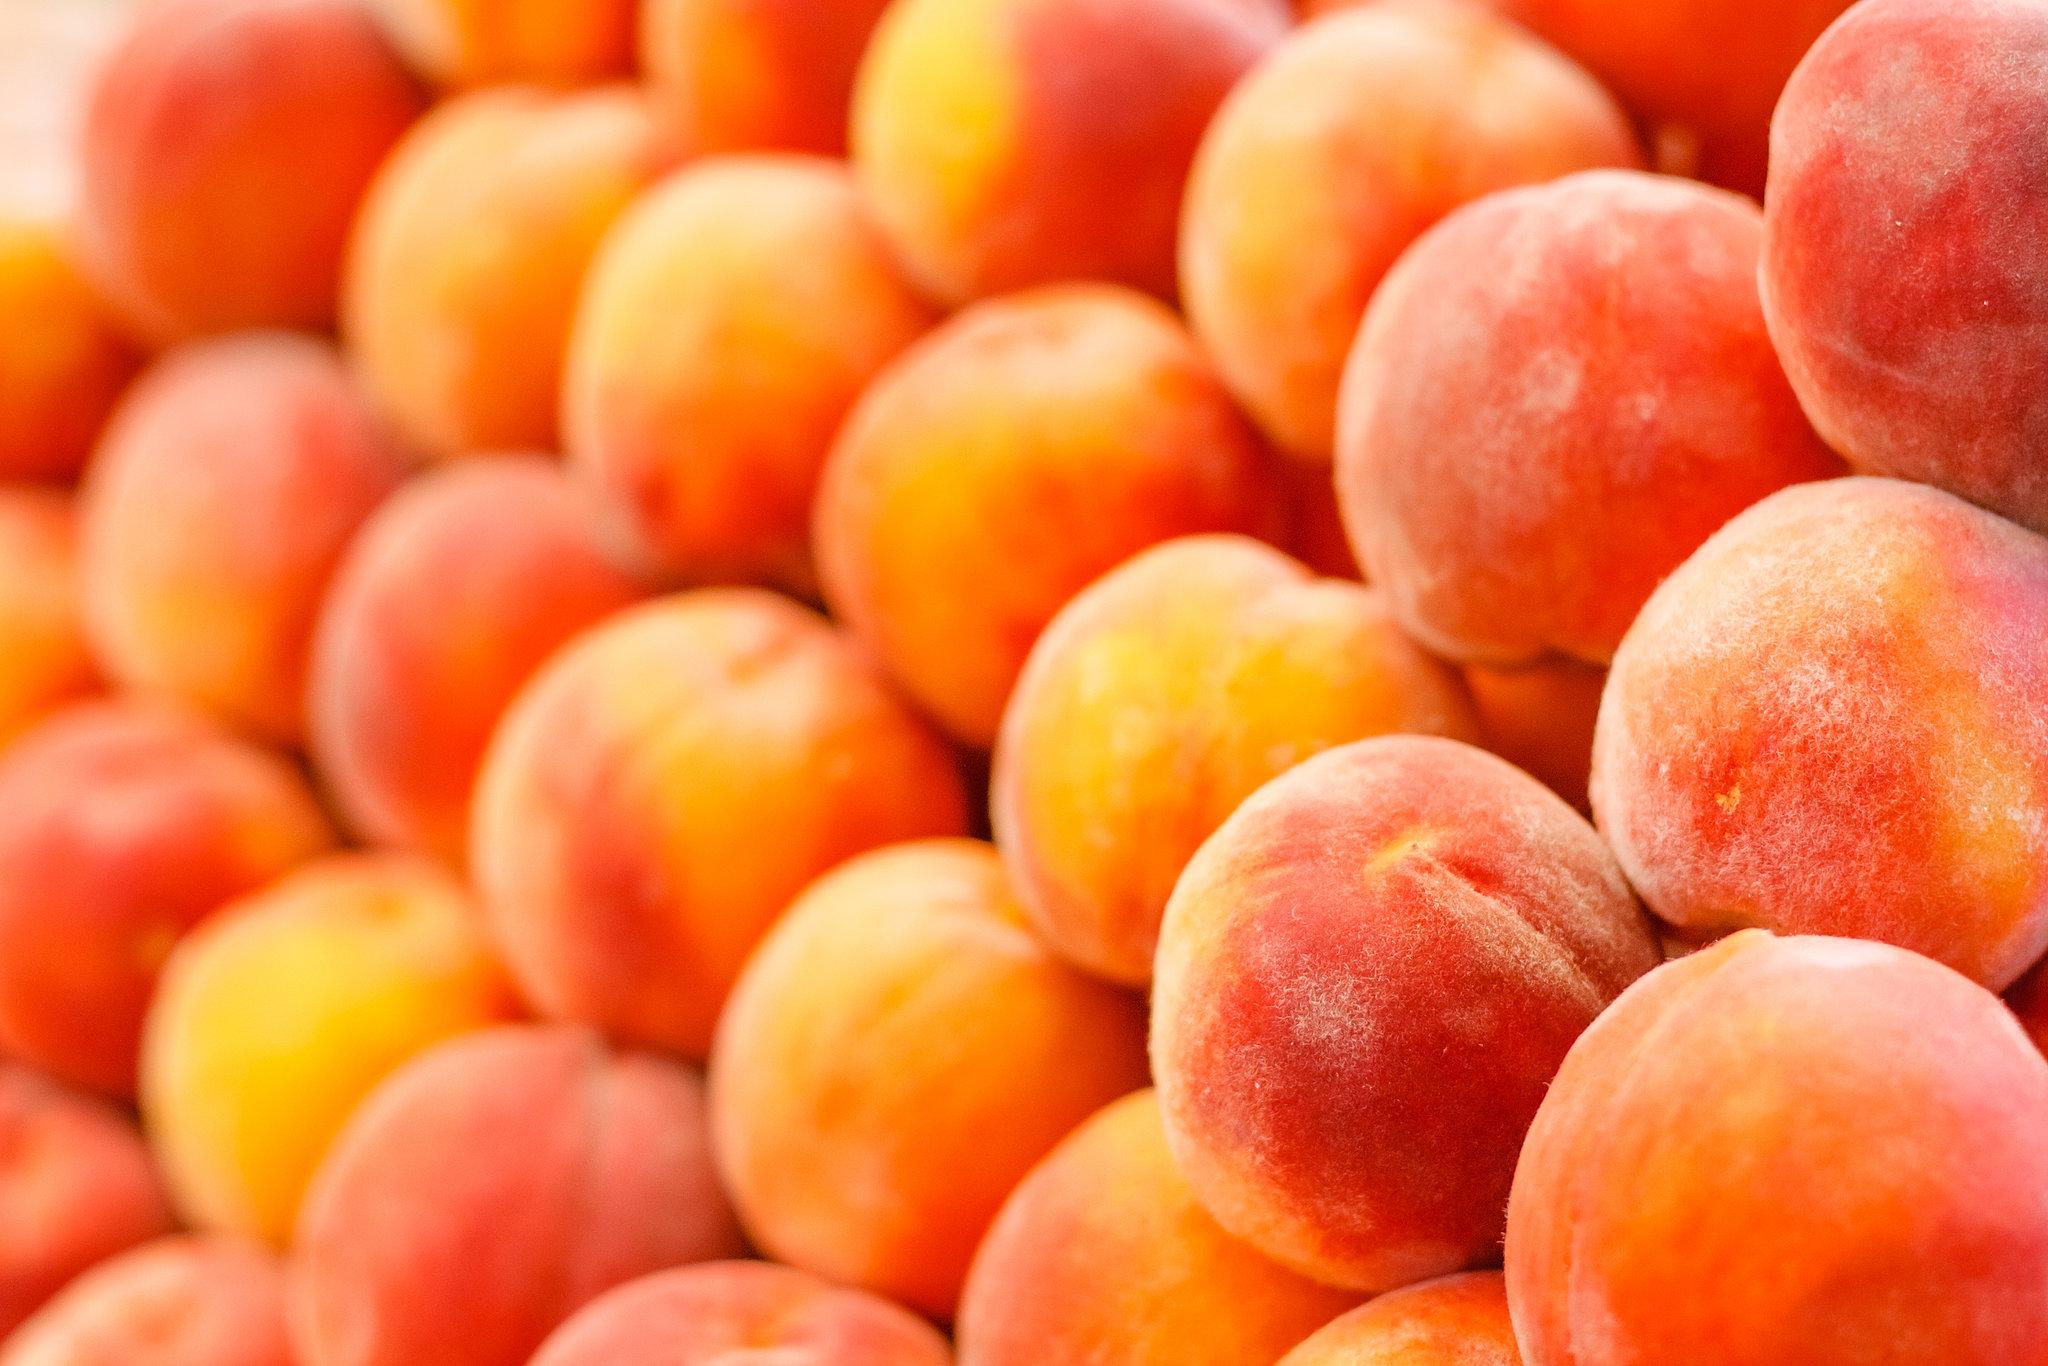 крым, урожай, фрукты, персики